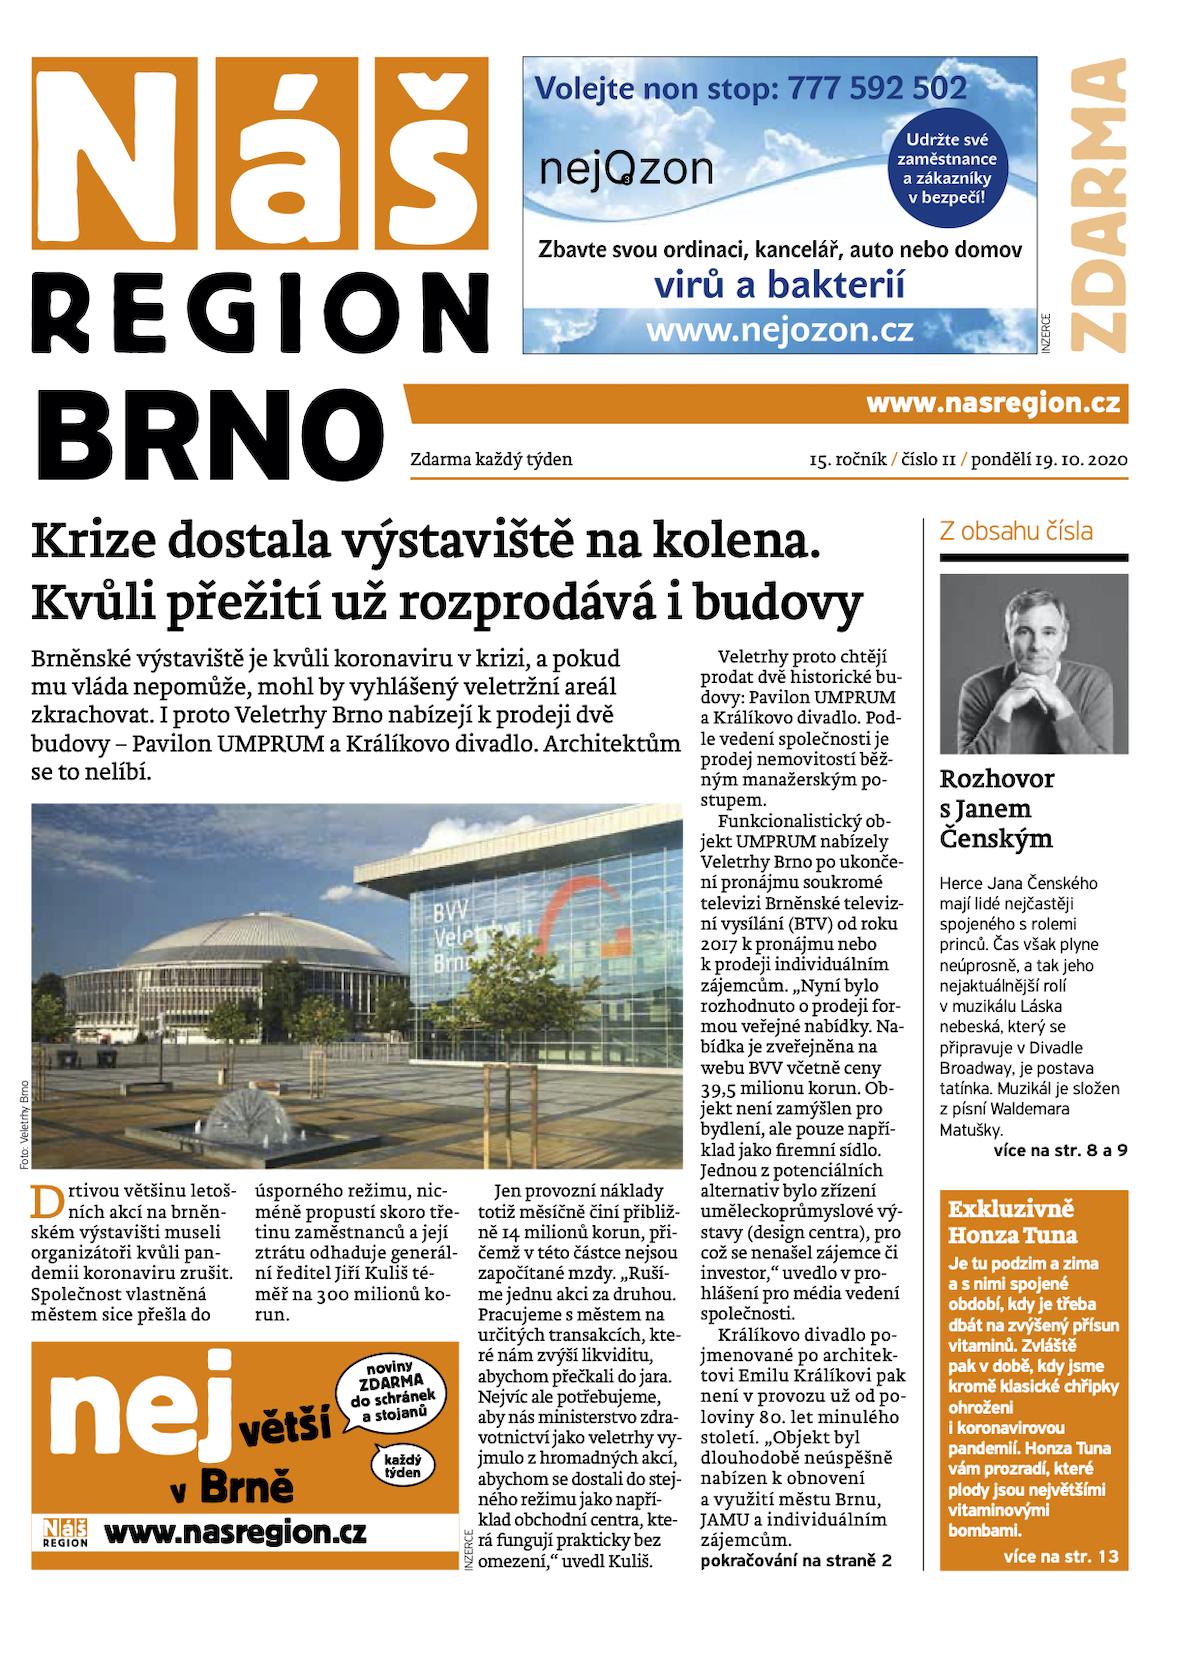 První vydání týdeníku Náš region Brno